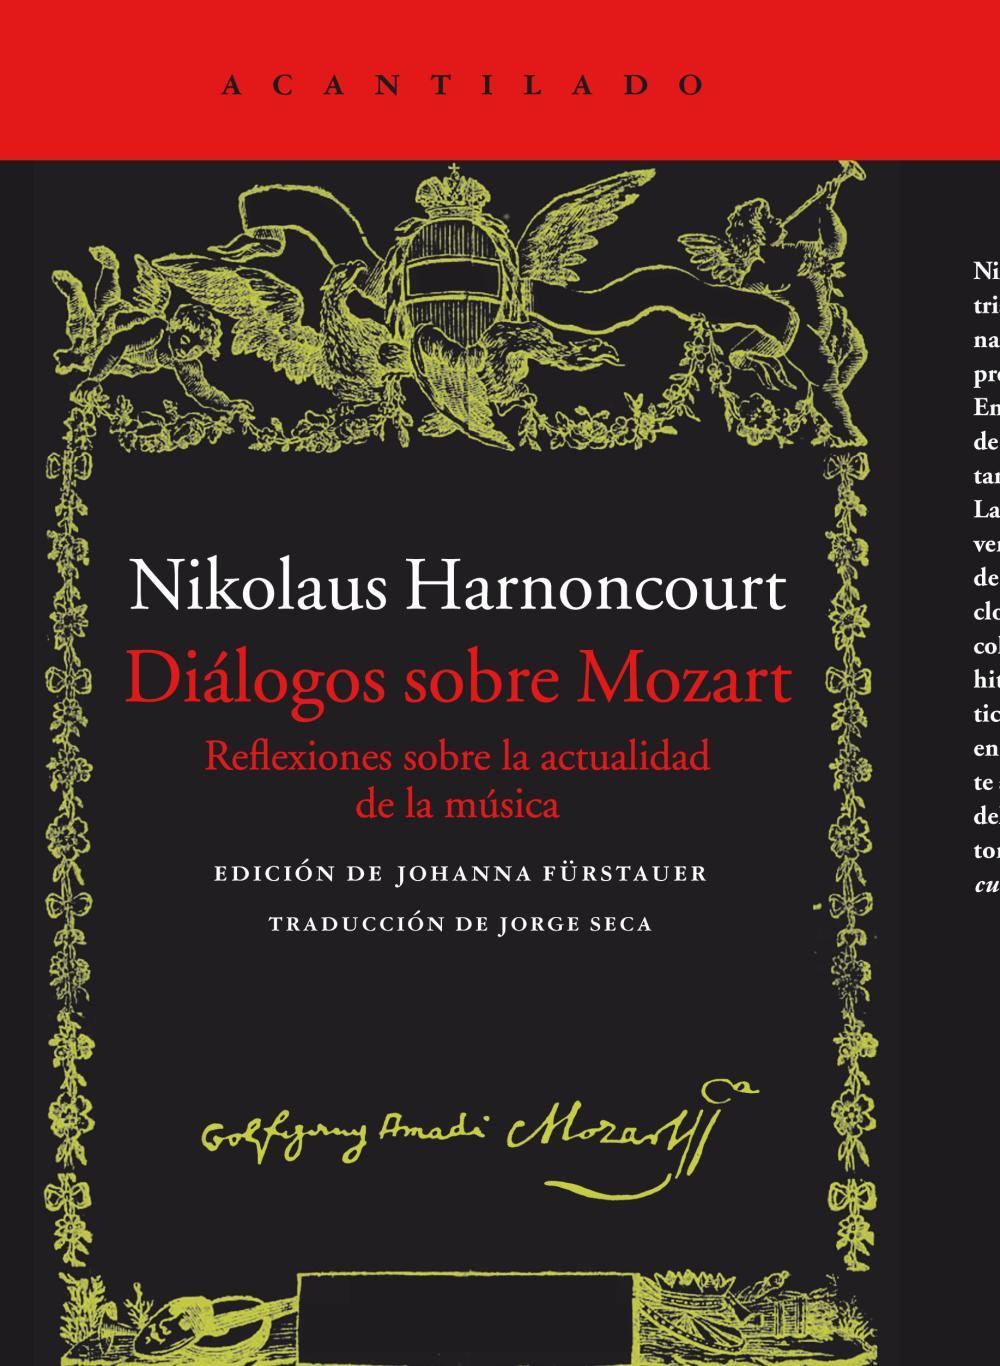 Diálogos sobre Mozart